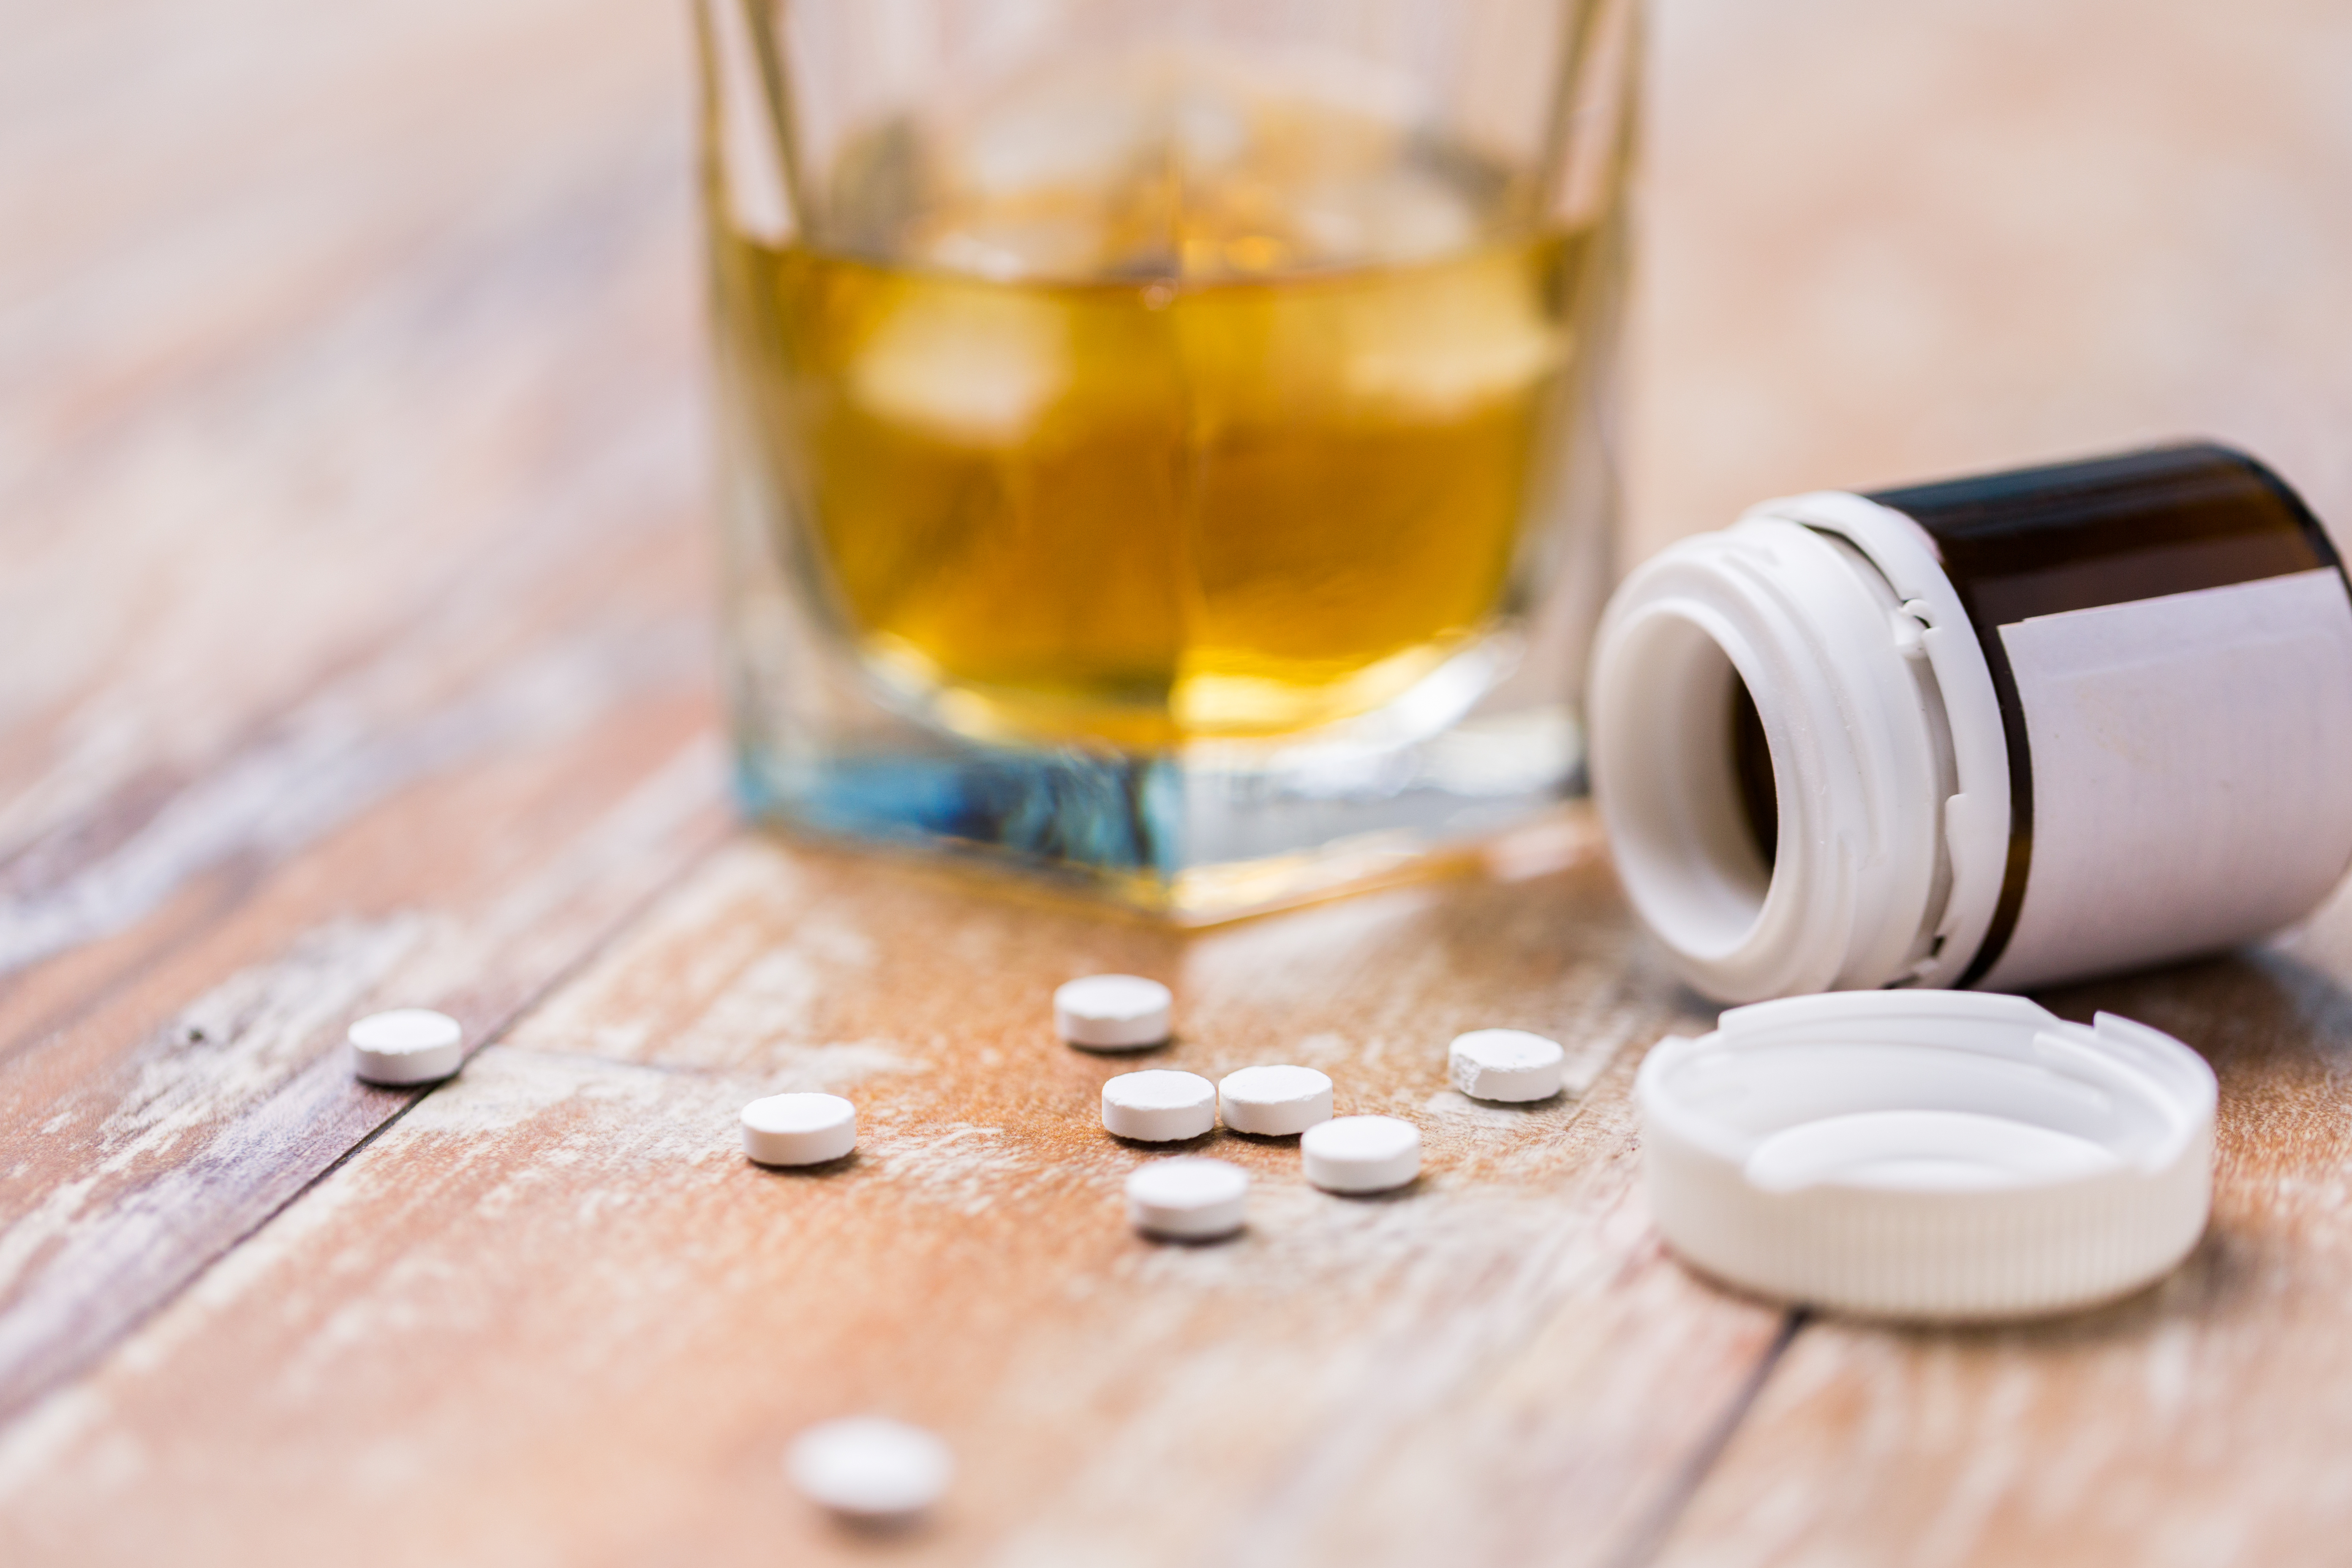 L'excès d'alcool est bien l'un des effets néfastes déjà documenté du confinement  (Visuel Adobe Stock 206375700)